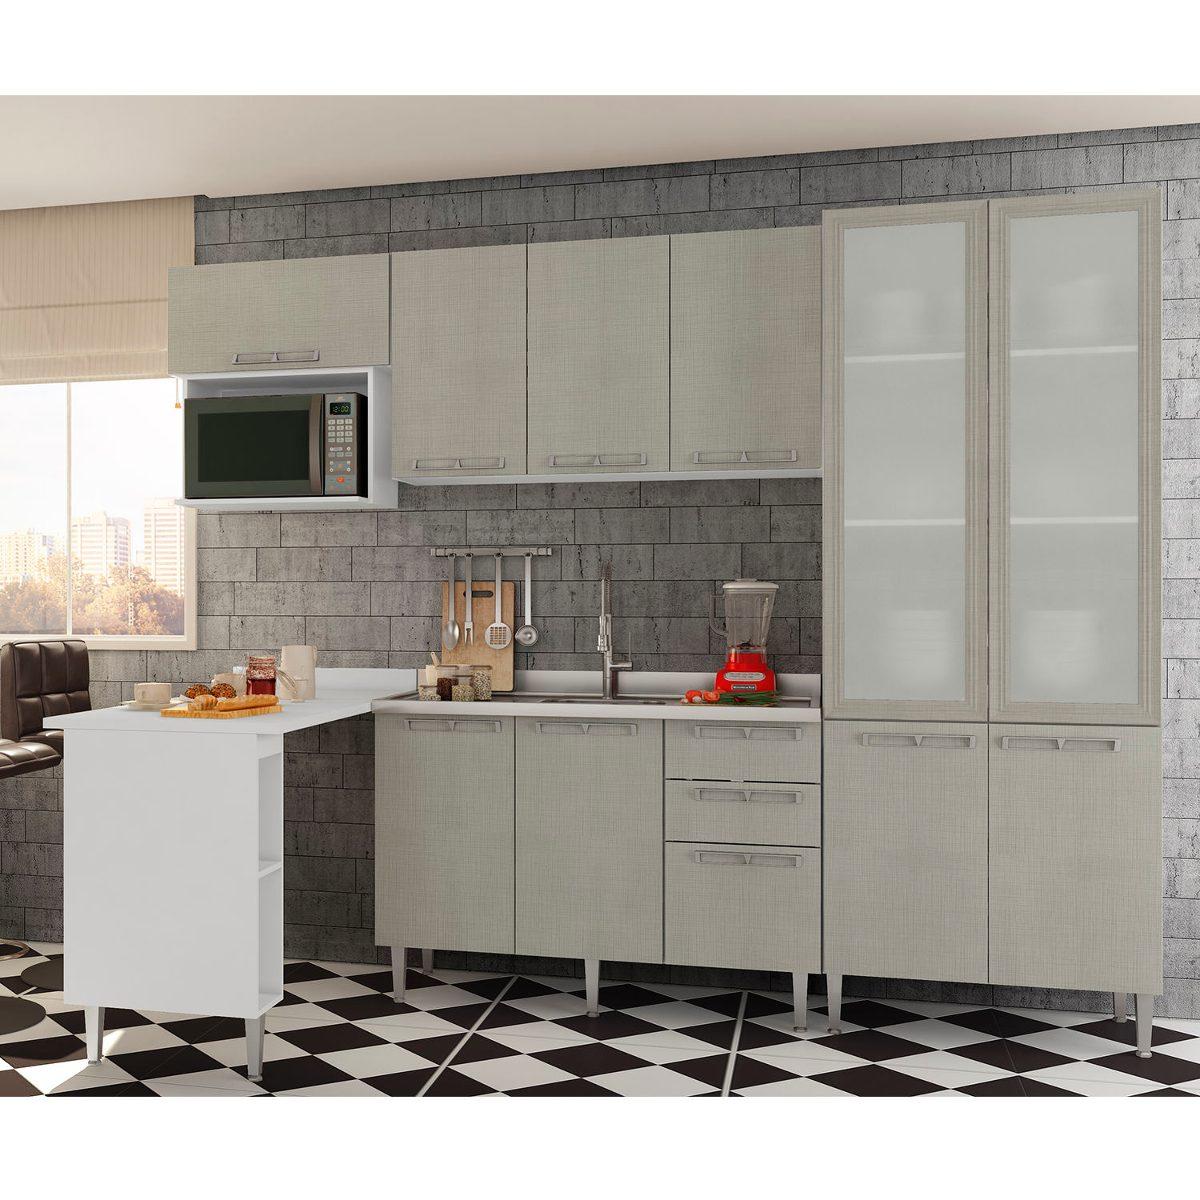 Cozinha Completa Pyxis Nude Bc R 1 889 90 Em Mercado Livre